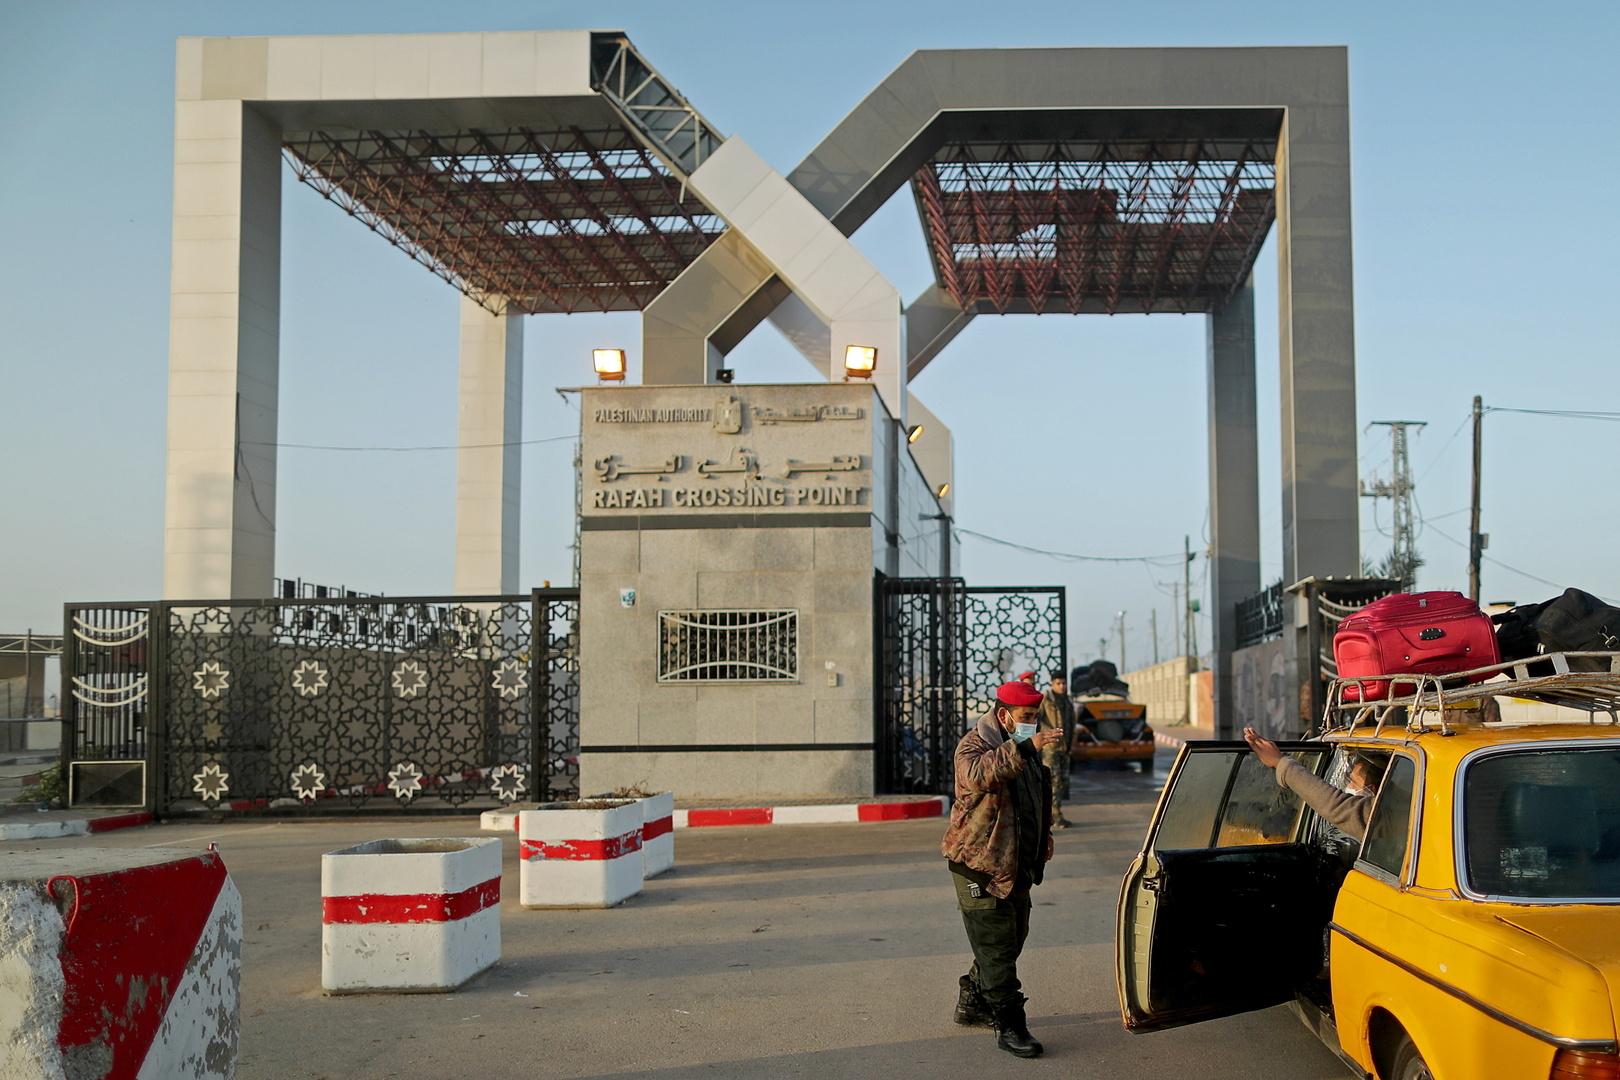 مصر تفتح معبر رفح قبل الموعد بيوم لاستقبال المرضى والمصابين من قطاع غزة